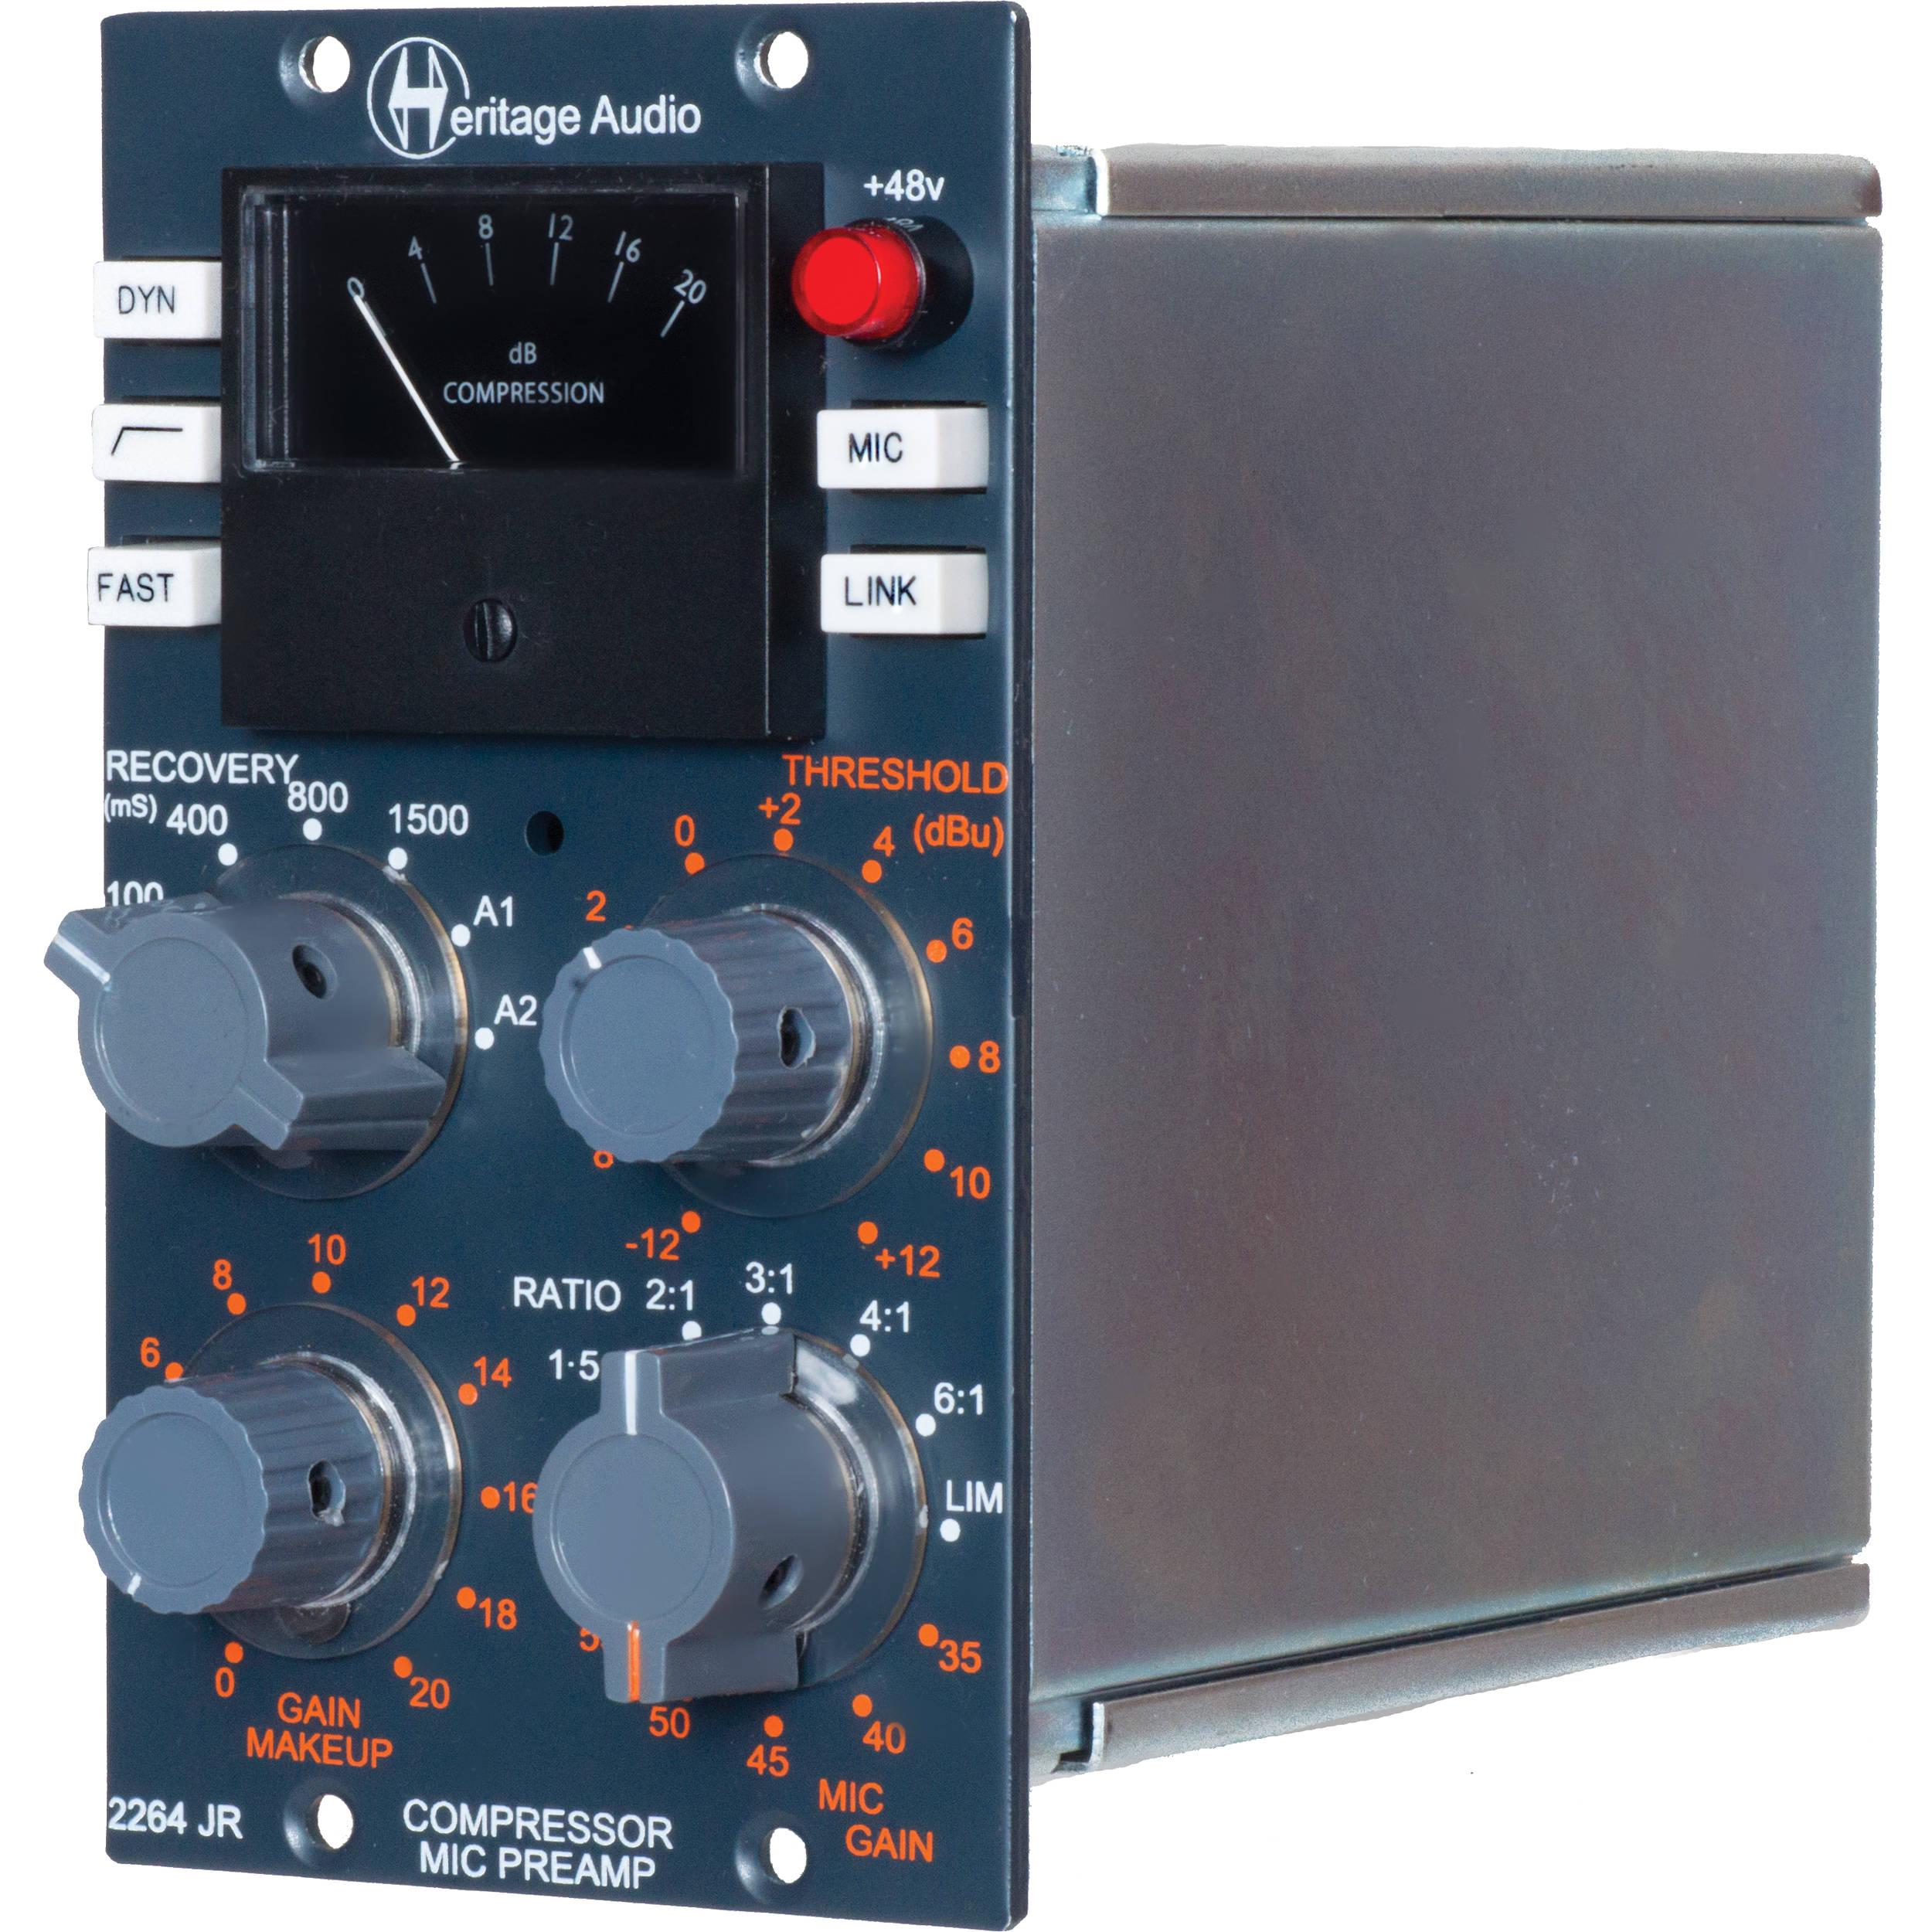 heritage audio 2264jr 500 series compressor and ha2264jr b h. Black Bedroom Furniture Sets. Home Design Ideas